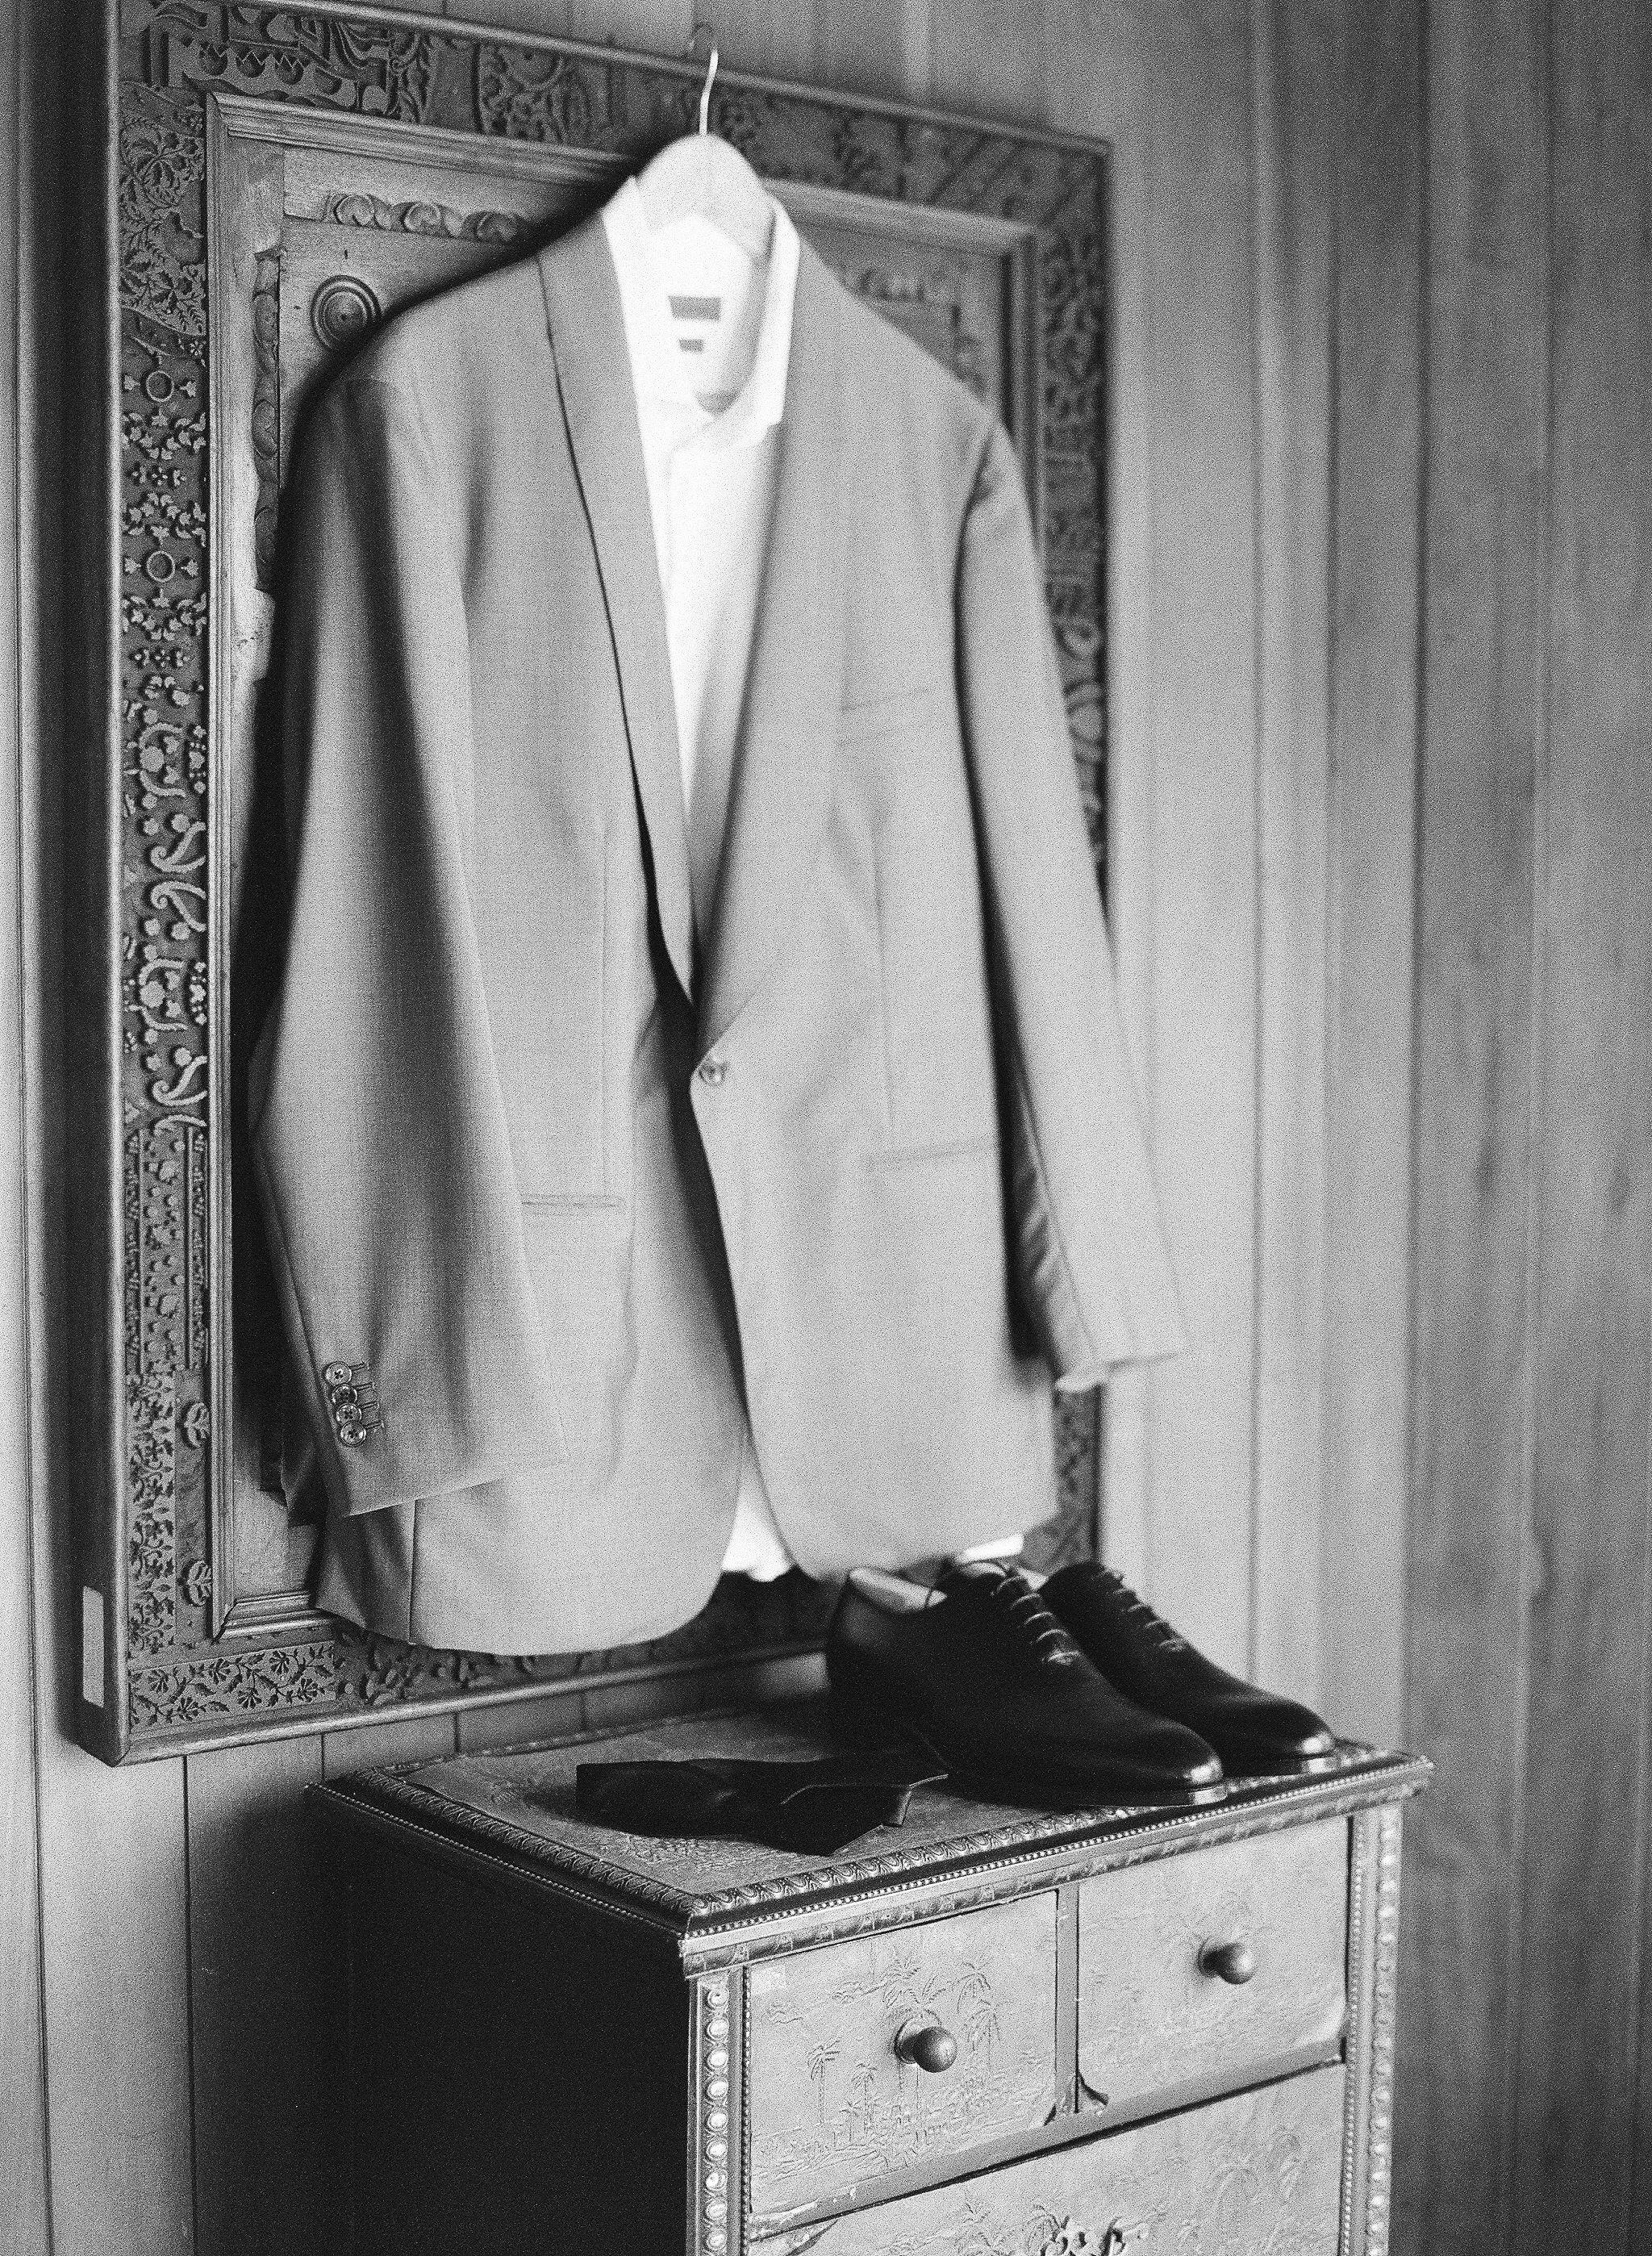 jessica ryan wedding groom's suit hanging